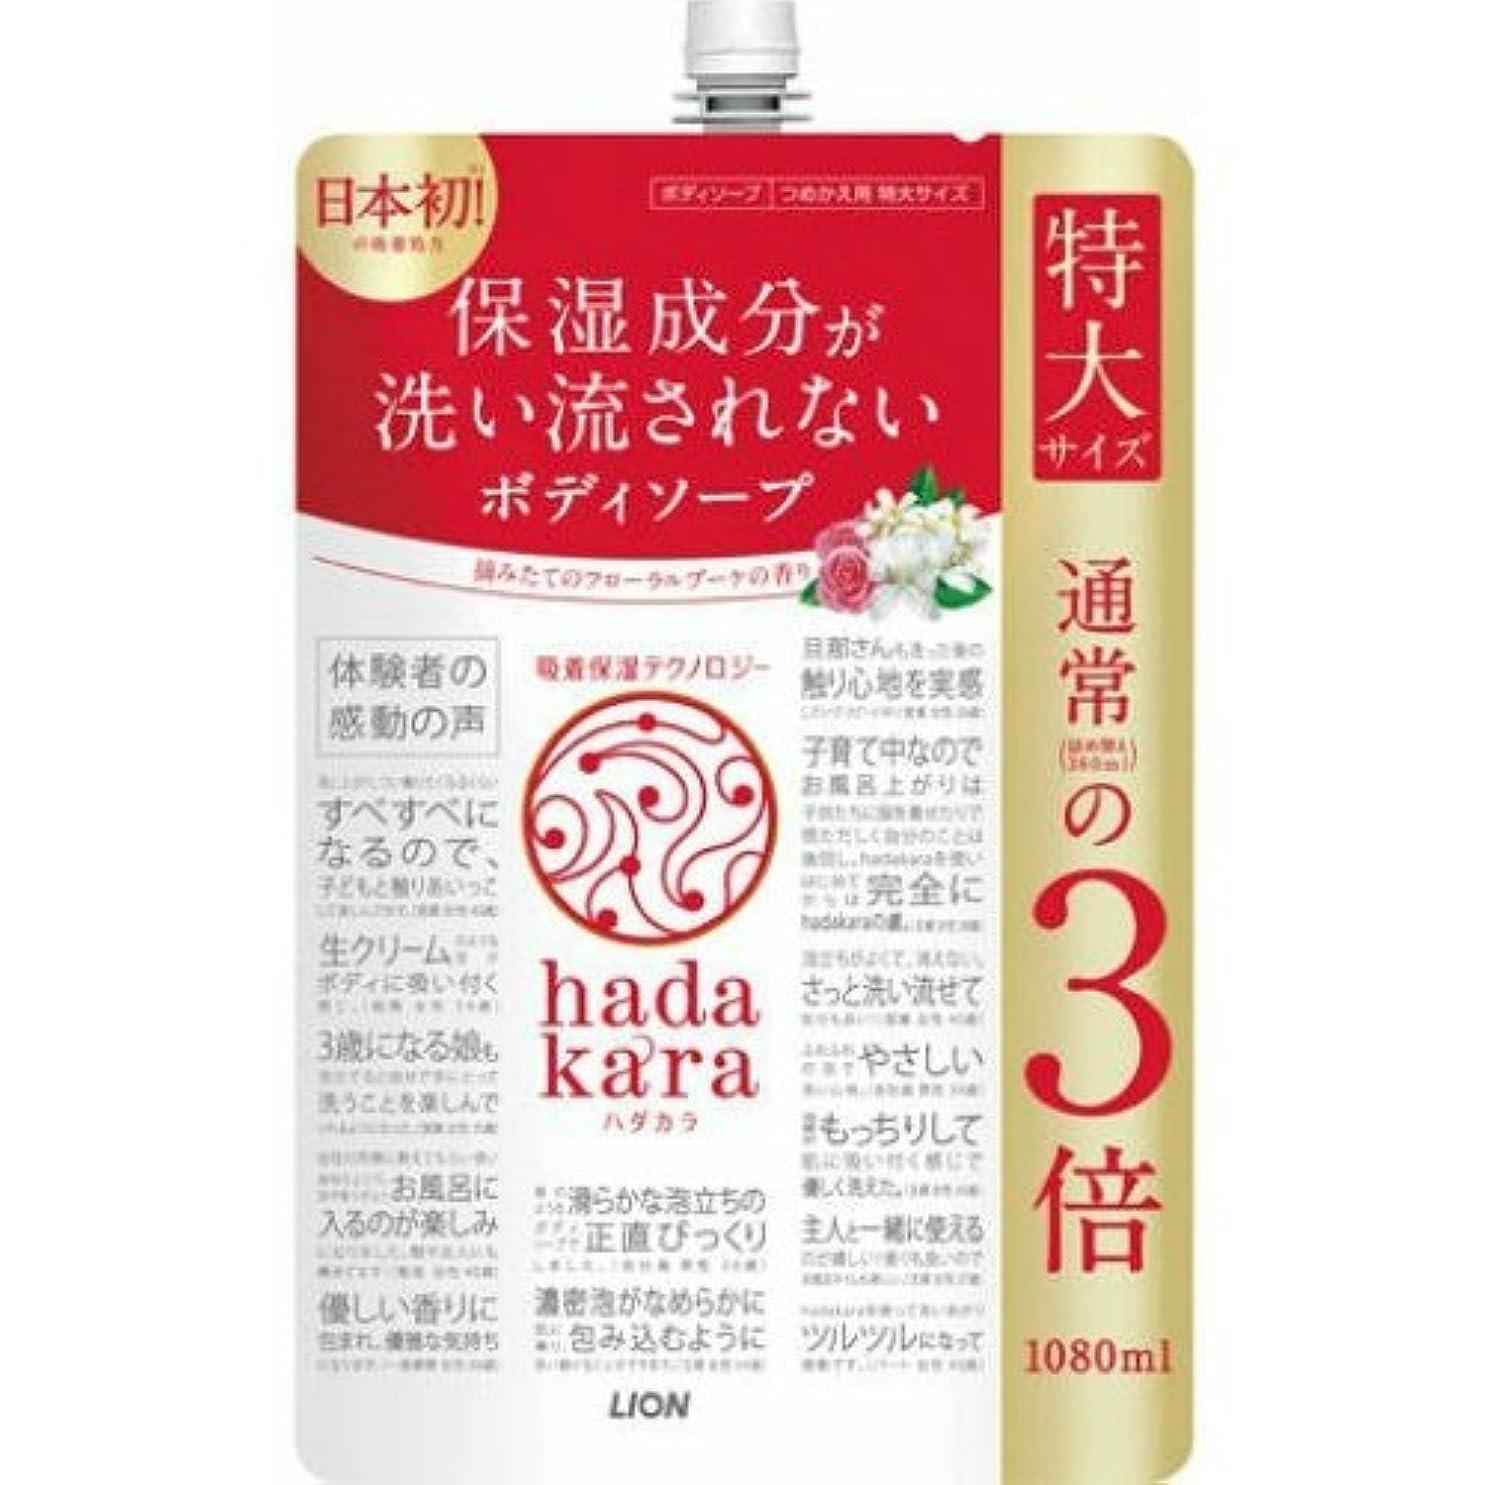 マントシェード仕立て屋LION ライオン hadakara ハダカラ ボディソープ フローラルブーケの香り つめかえ用 特大サイズ 1080ml ×006点セット(4903301260875)